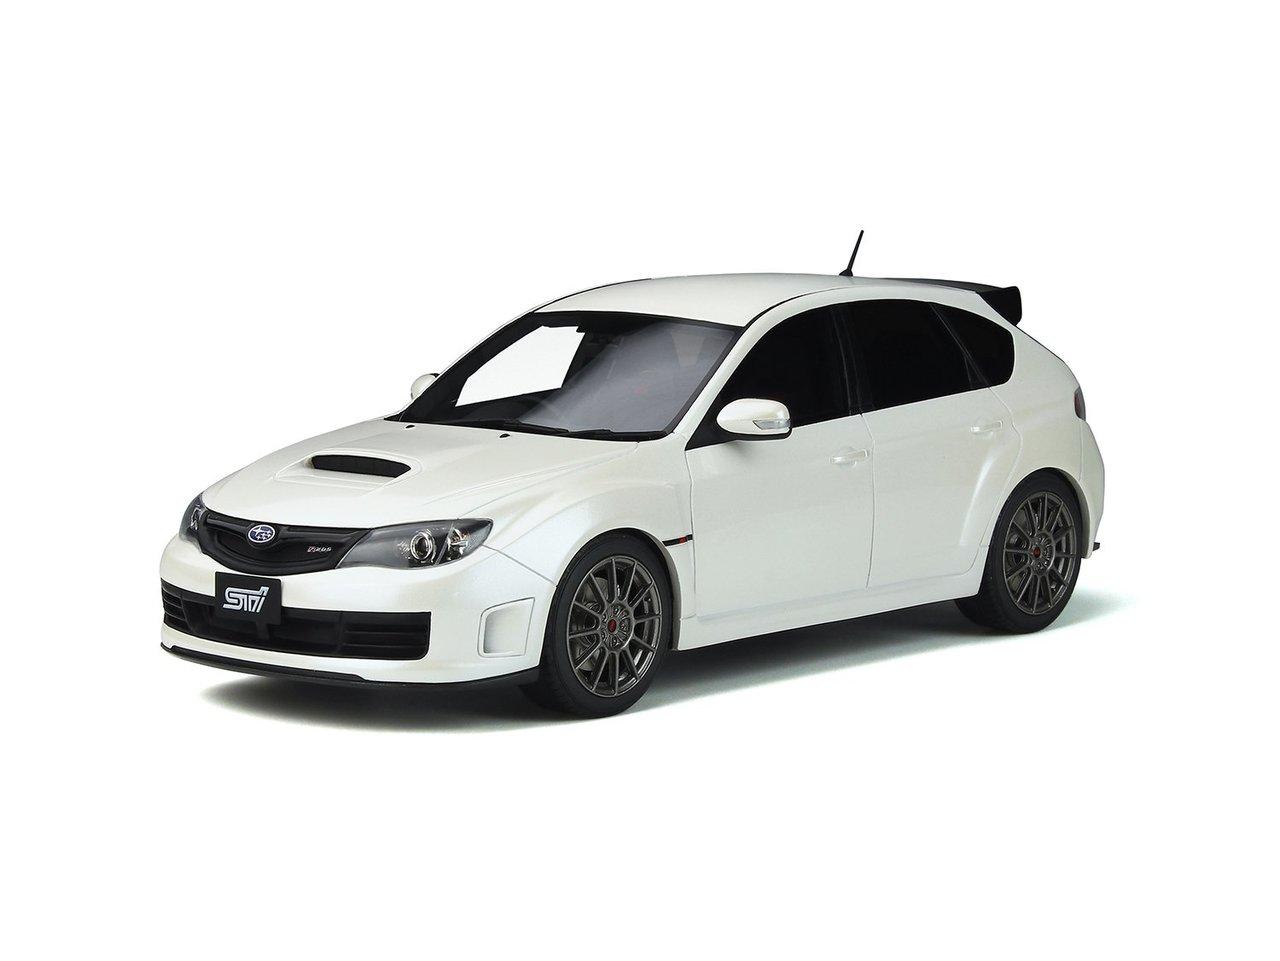 Subaru Impreza STI R205 Pure White Pearl Limited Edition to 999 pieces Worldwide 1/18 Model Car by Otto Mobile